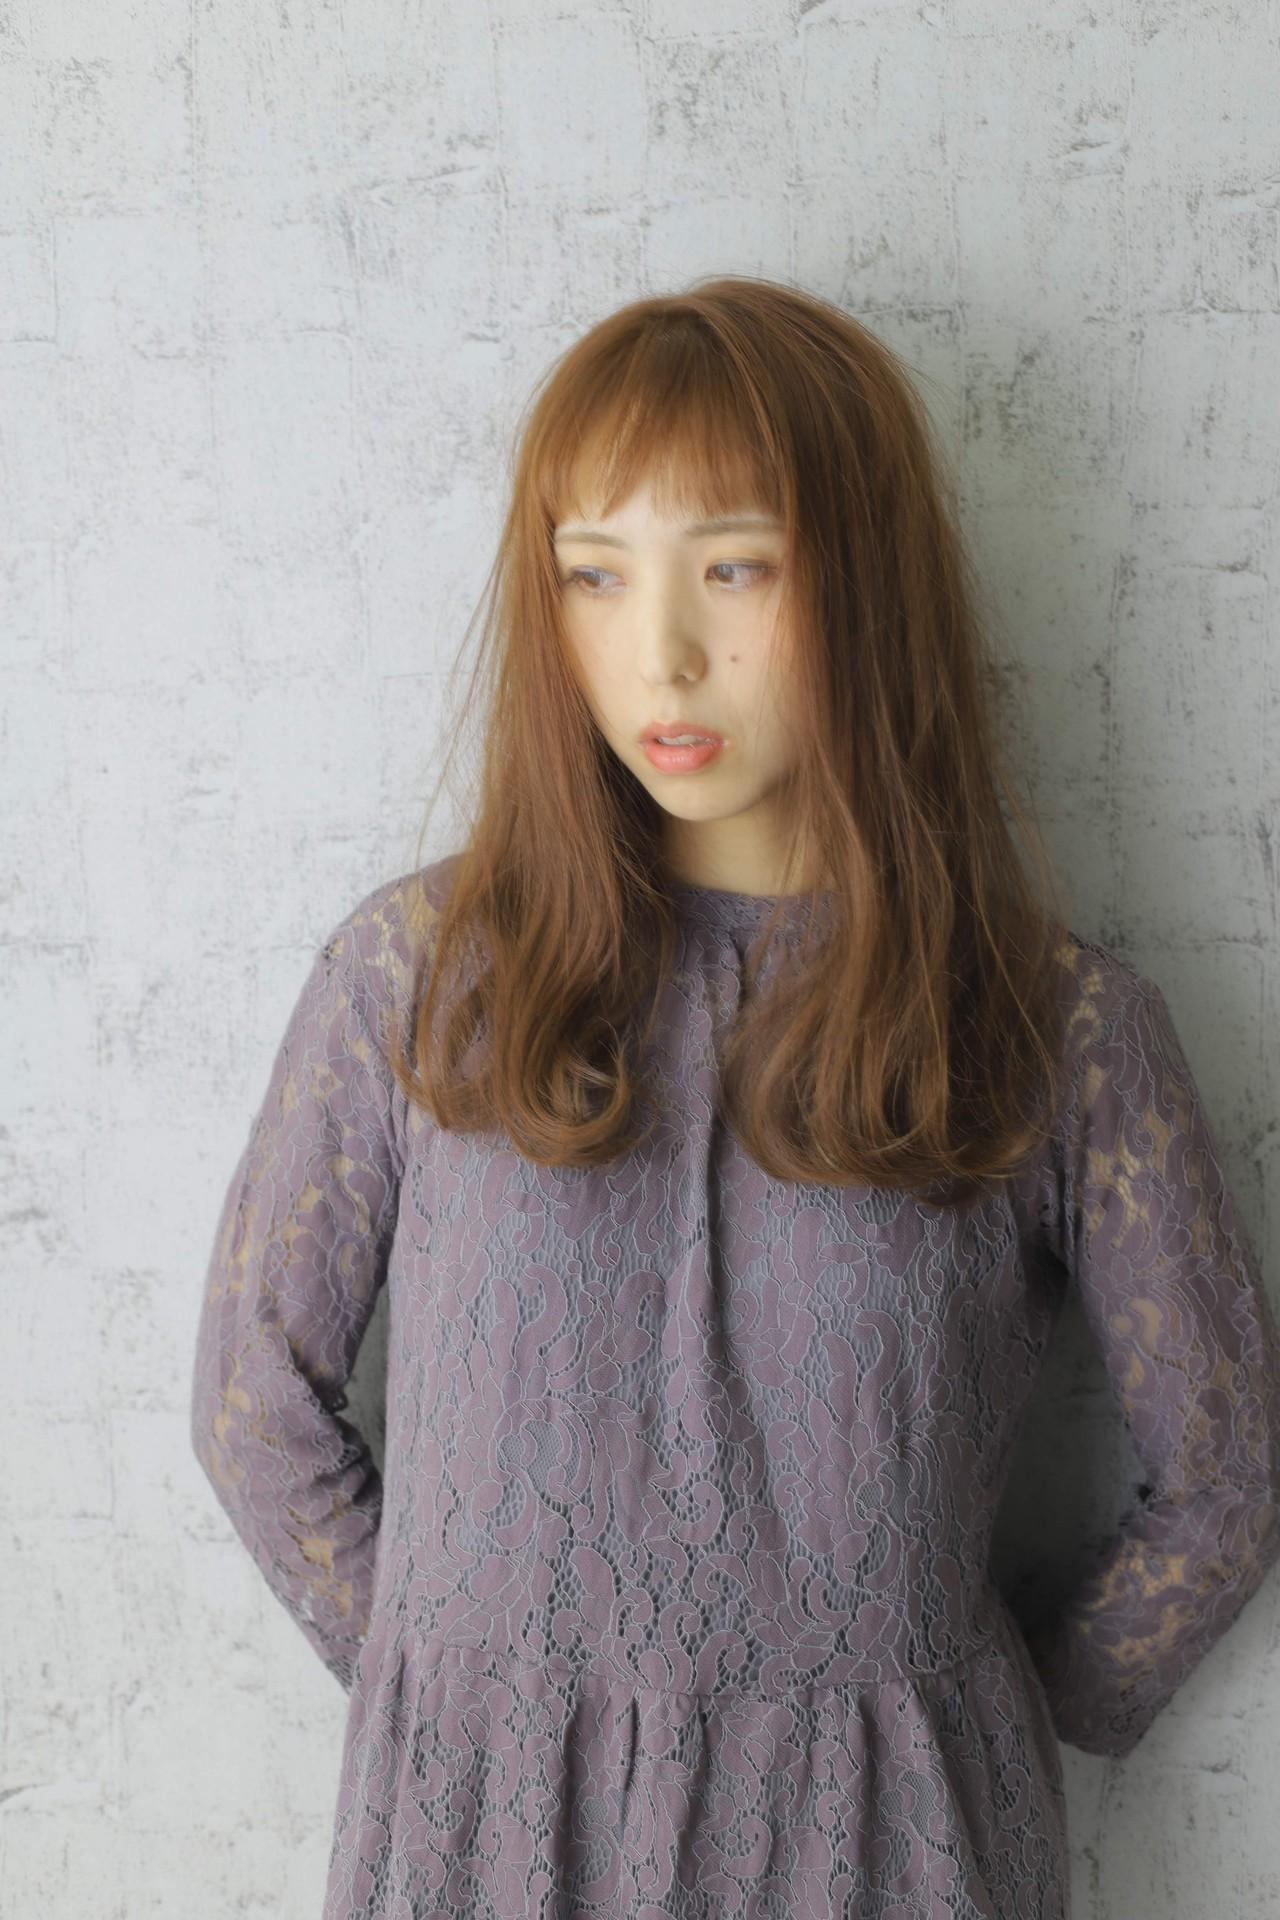 大人女子 ナチュラル ブラウン ワンカール ヘアスタイルや髪型の写真・画像